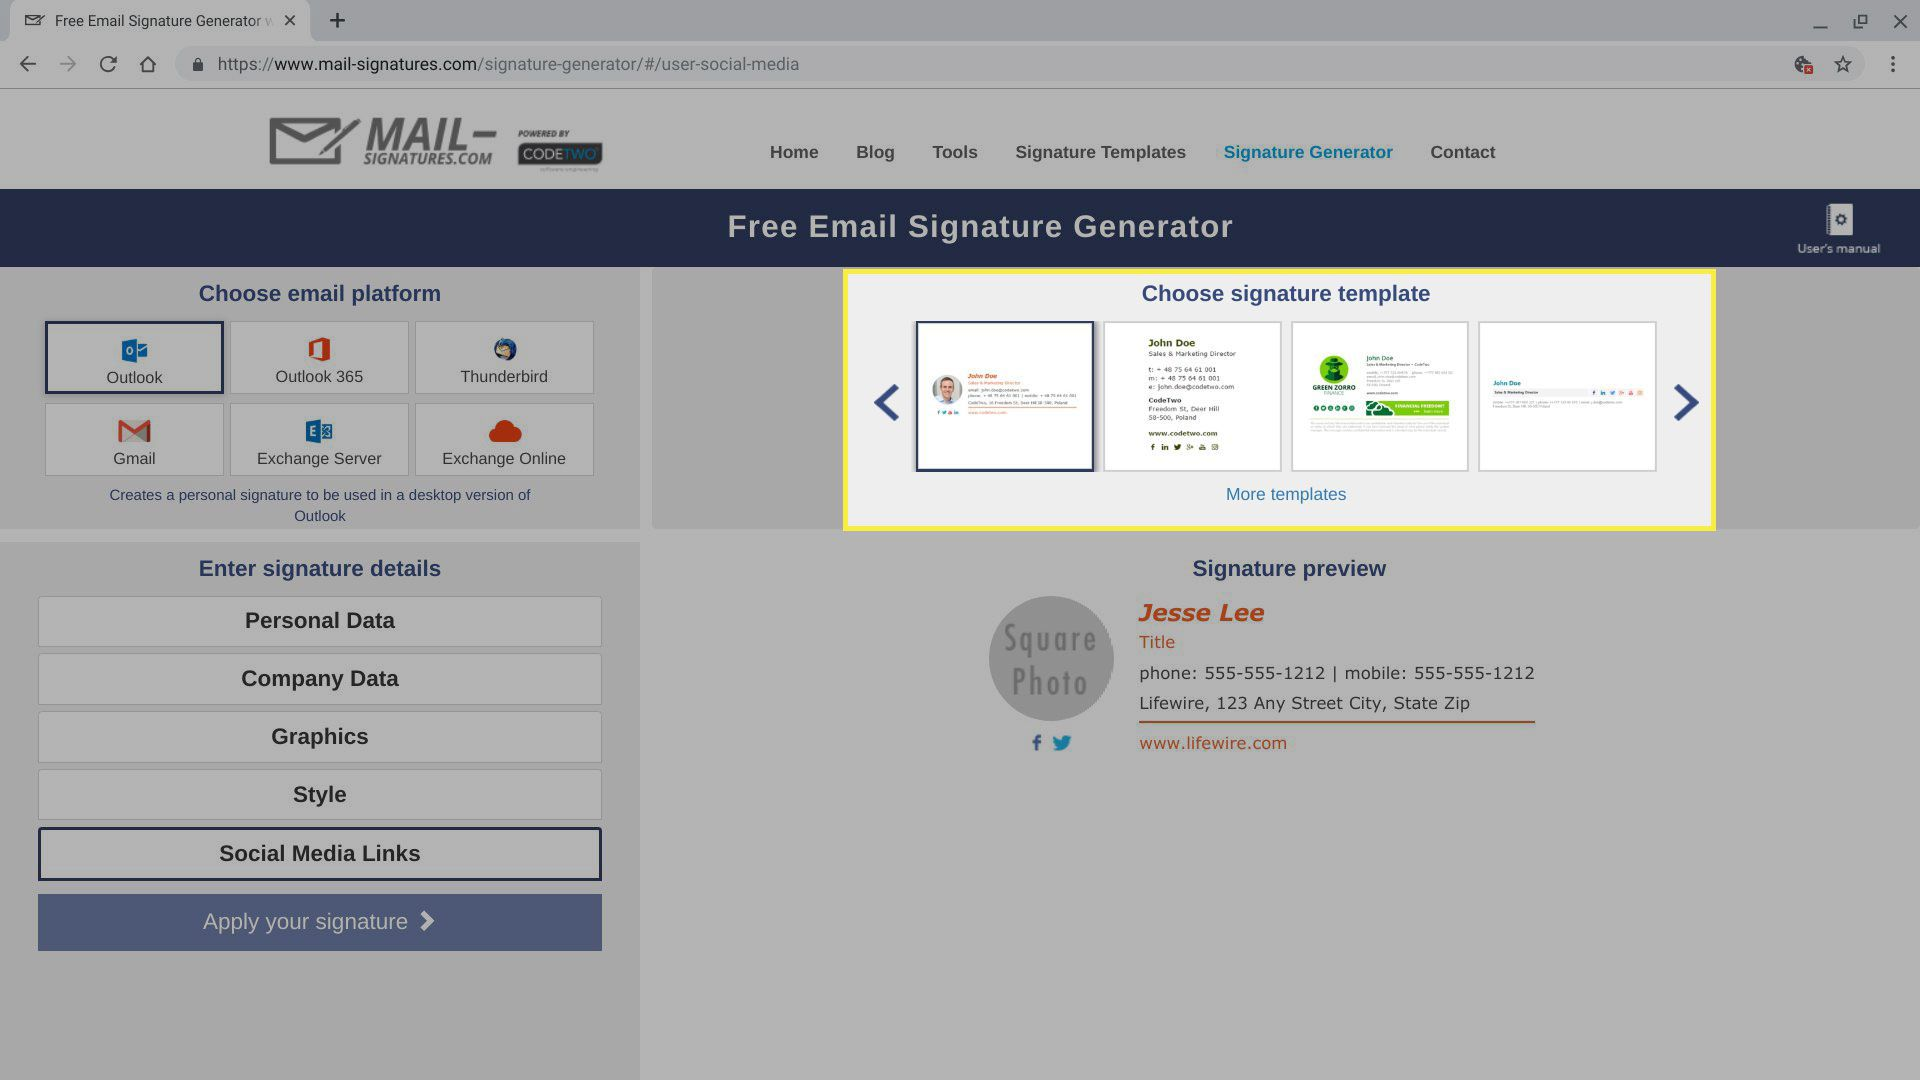 Signature templates